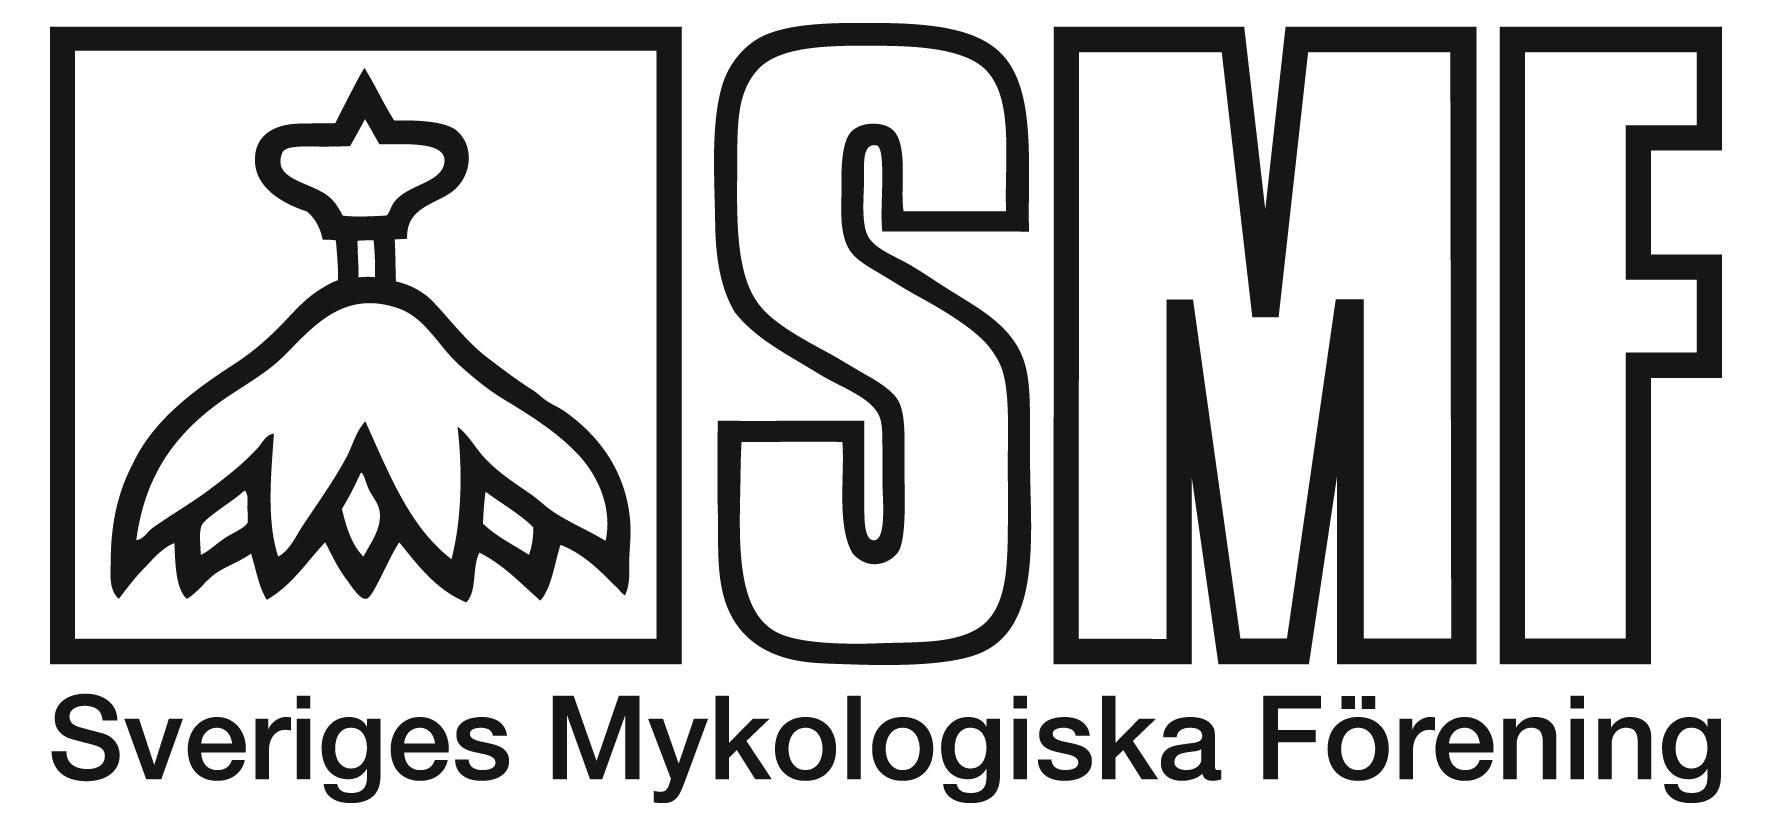 SMF –Sveriges Mykologiska Förening